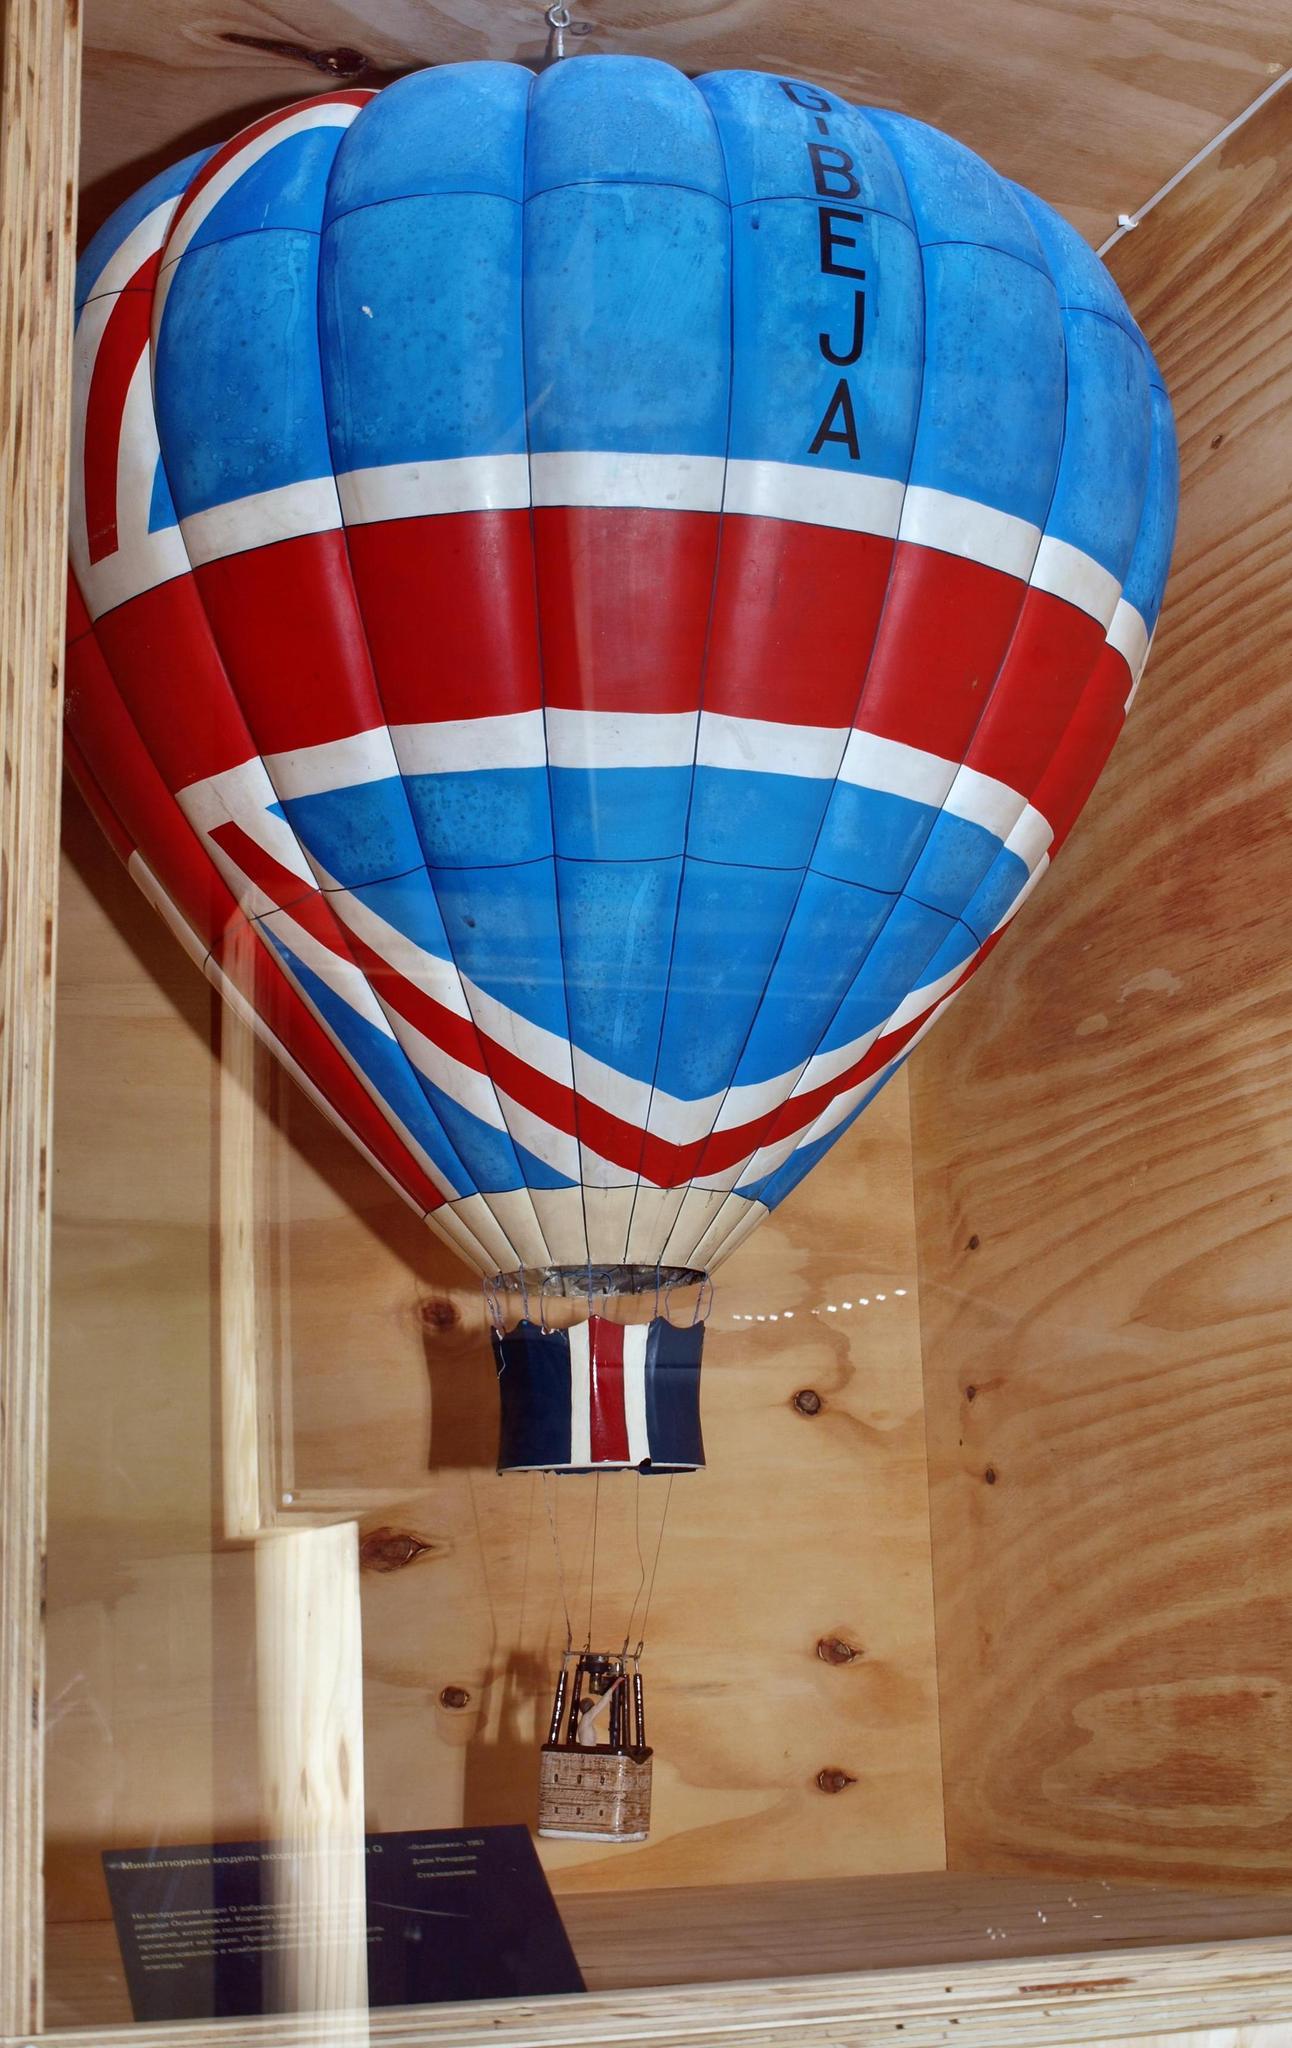 Воздушный шар Q из «Осьминожки». Фотография Малец Михаила Георгиевича